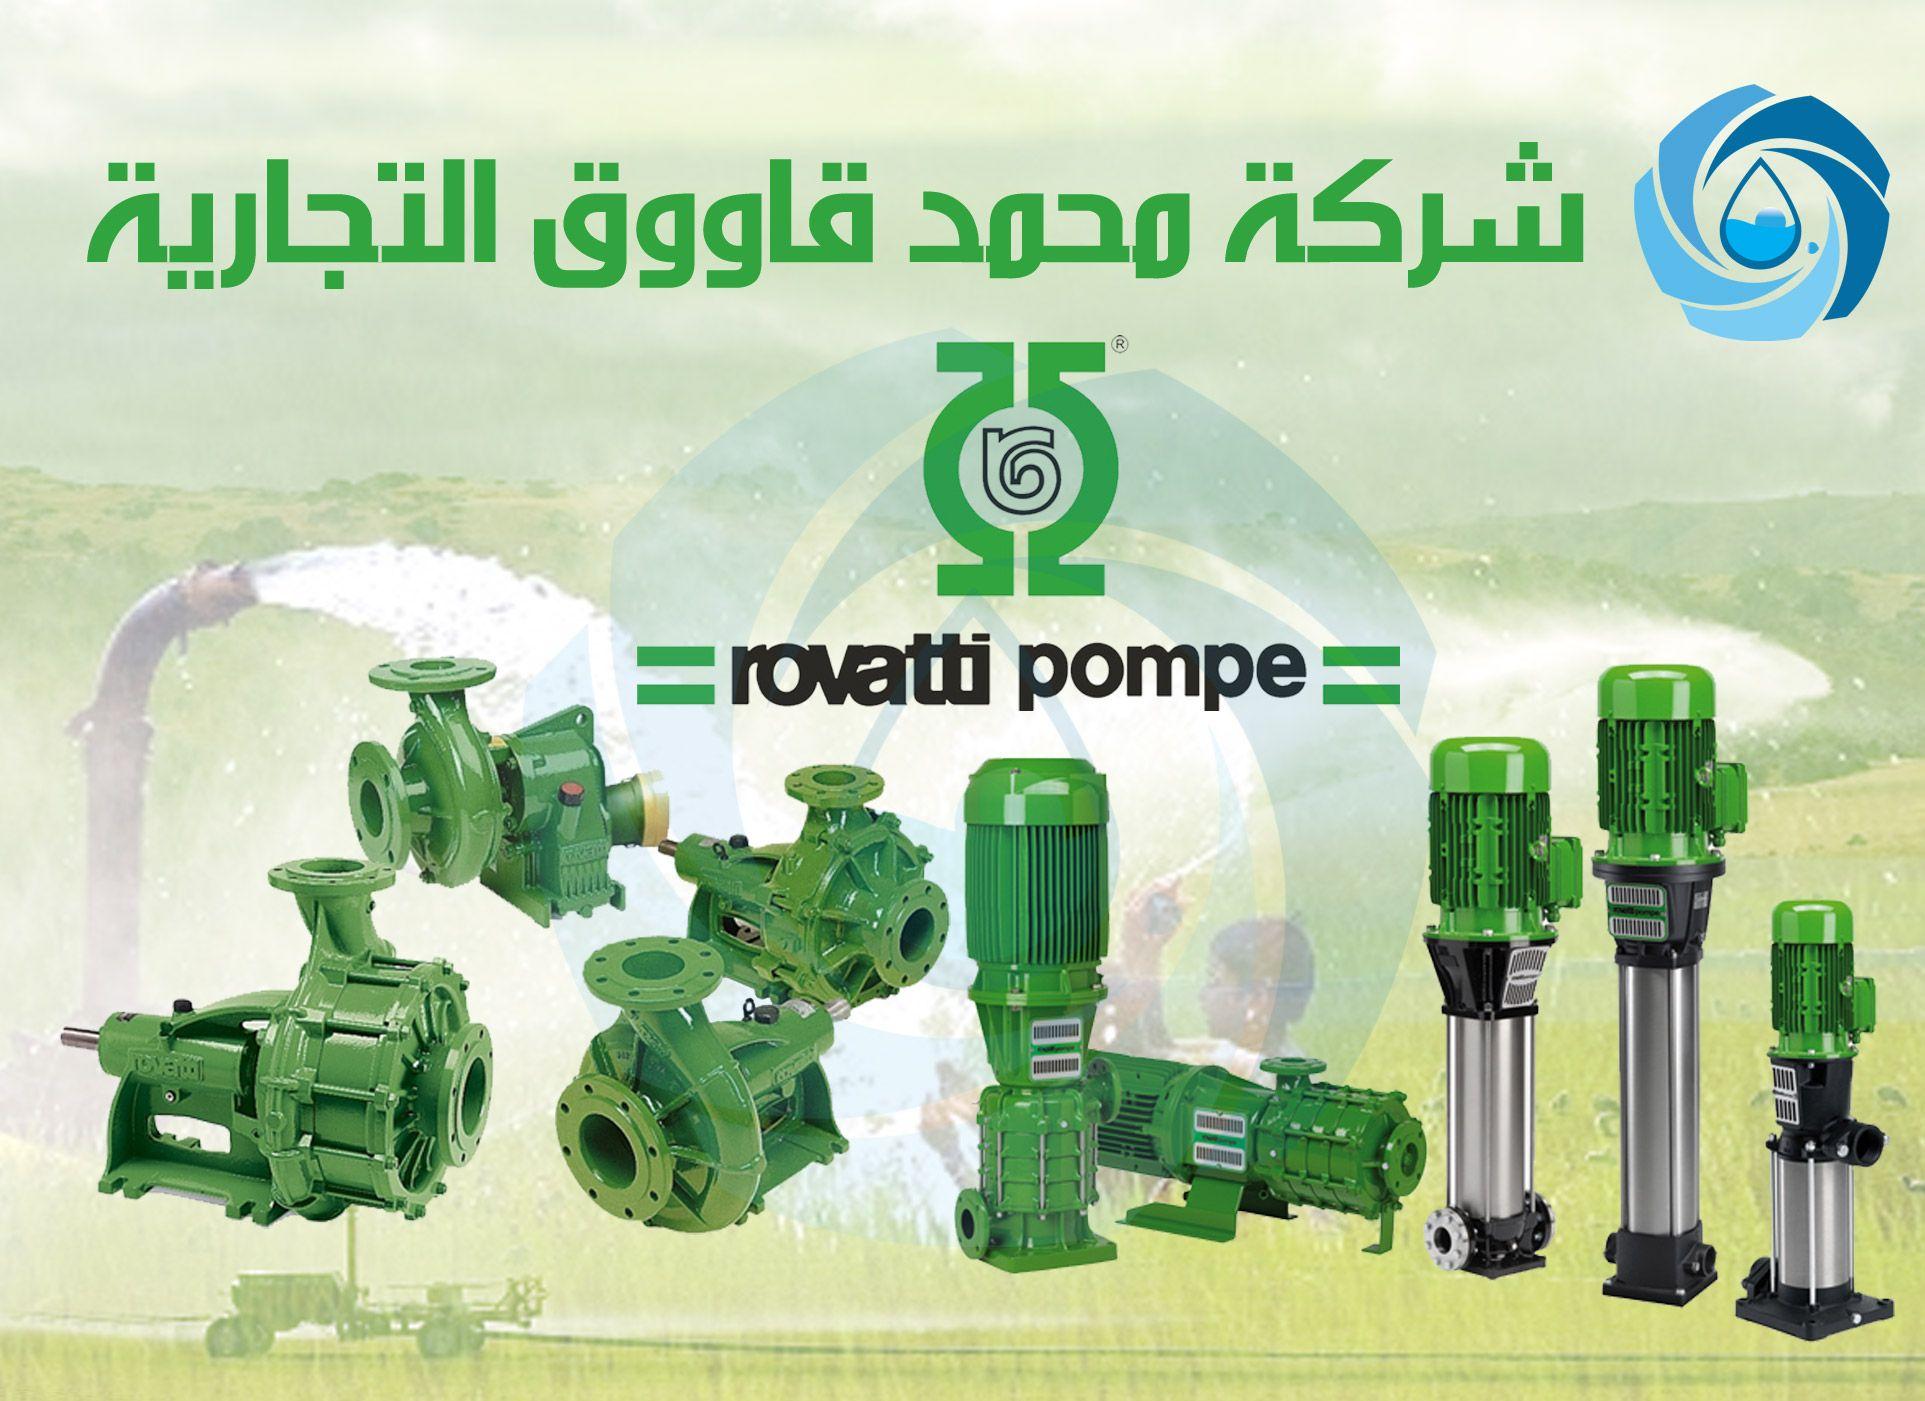 مضخات مياه روفاتي الإيطالية للإستخدامات المتقدمة أرتفاعات عالية وكميات مياه كبيرة Rovatti Water Pumps Movie Posters Poster Movies